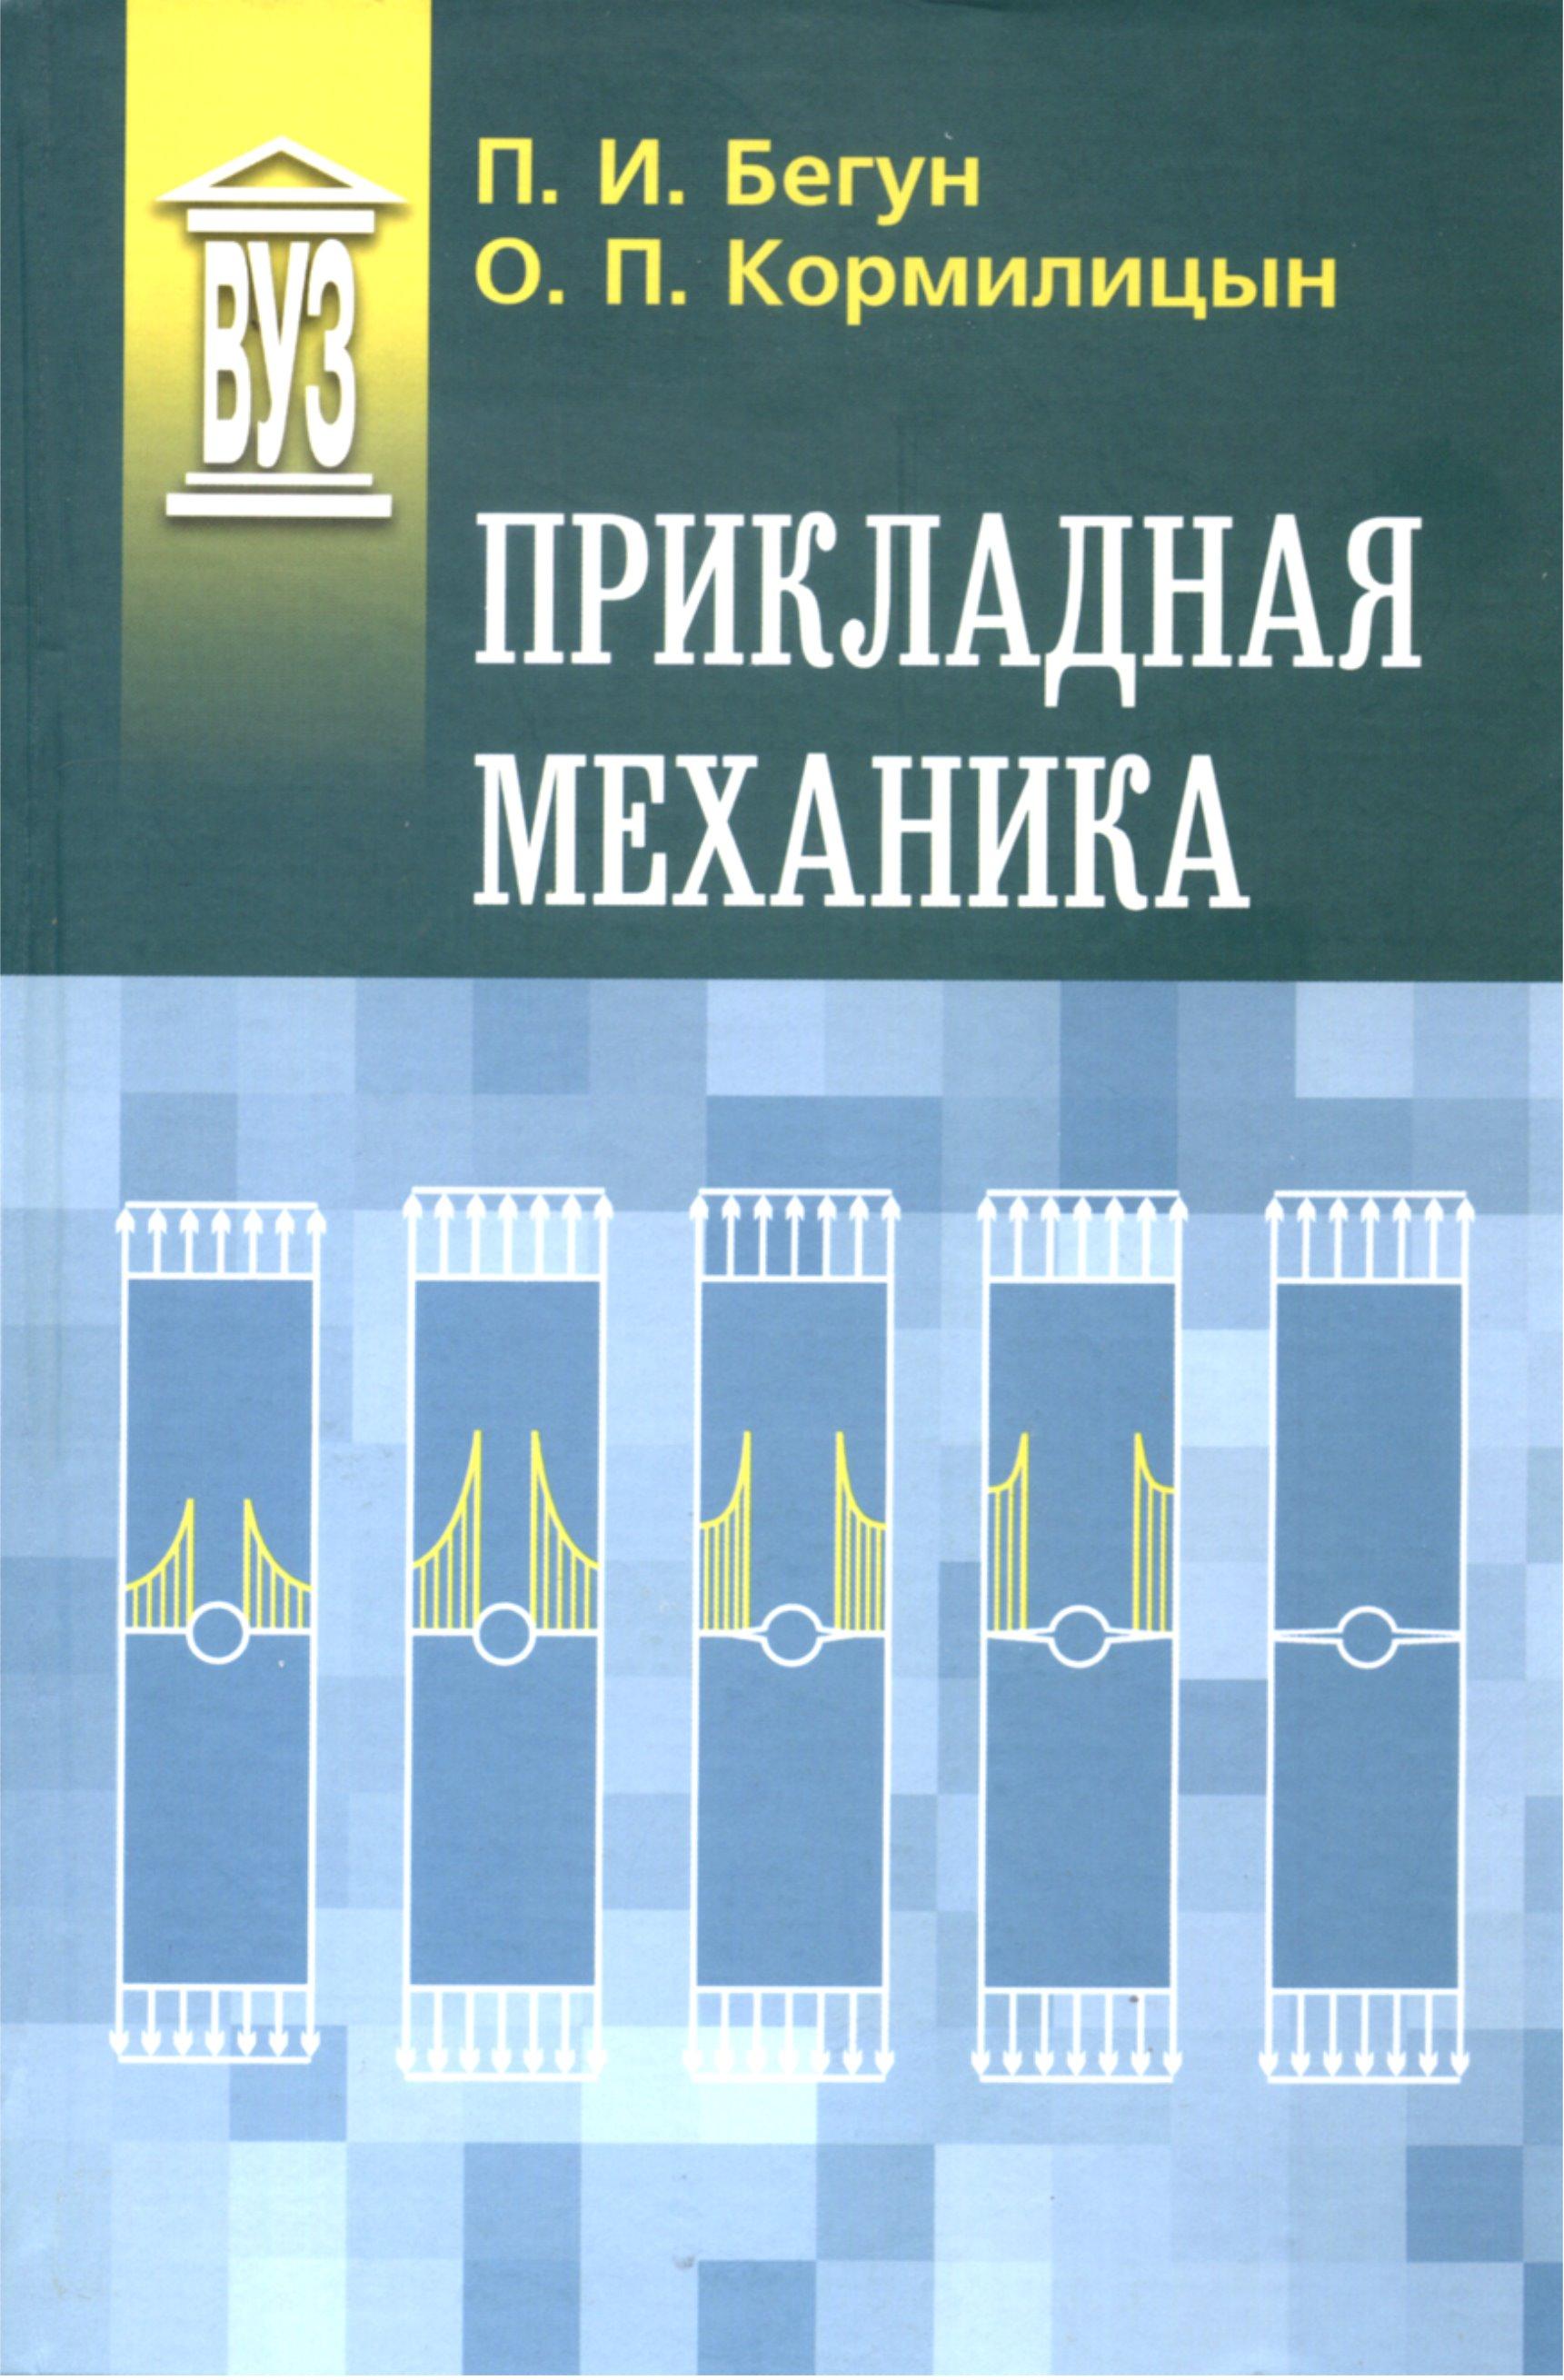 О. П. Кормилицын Прикладная механика